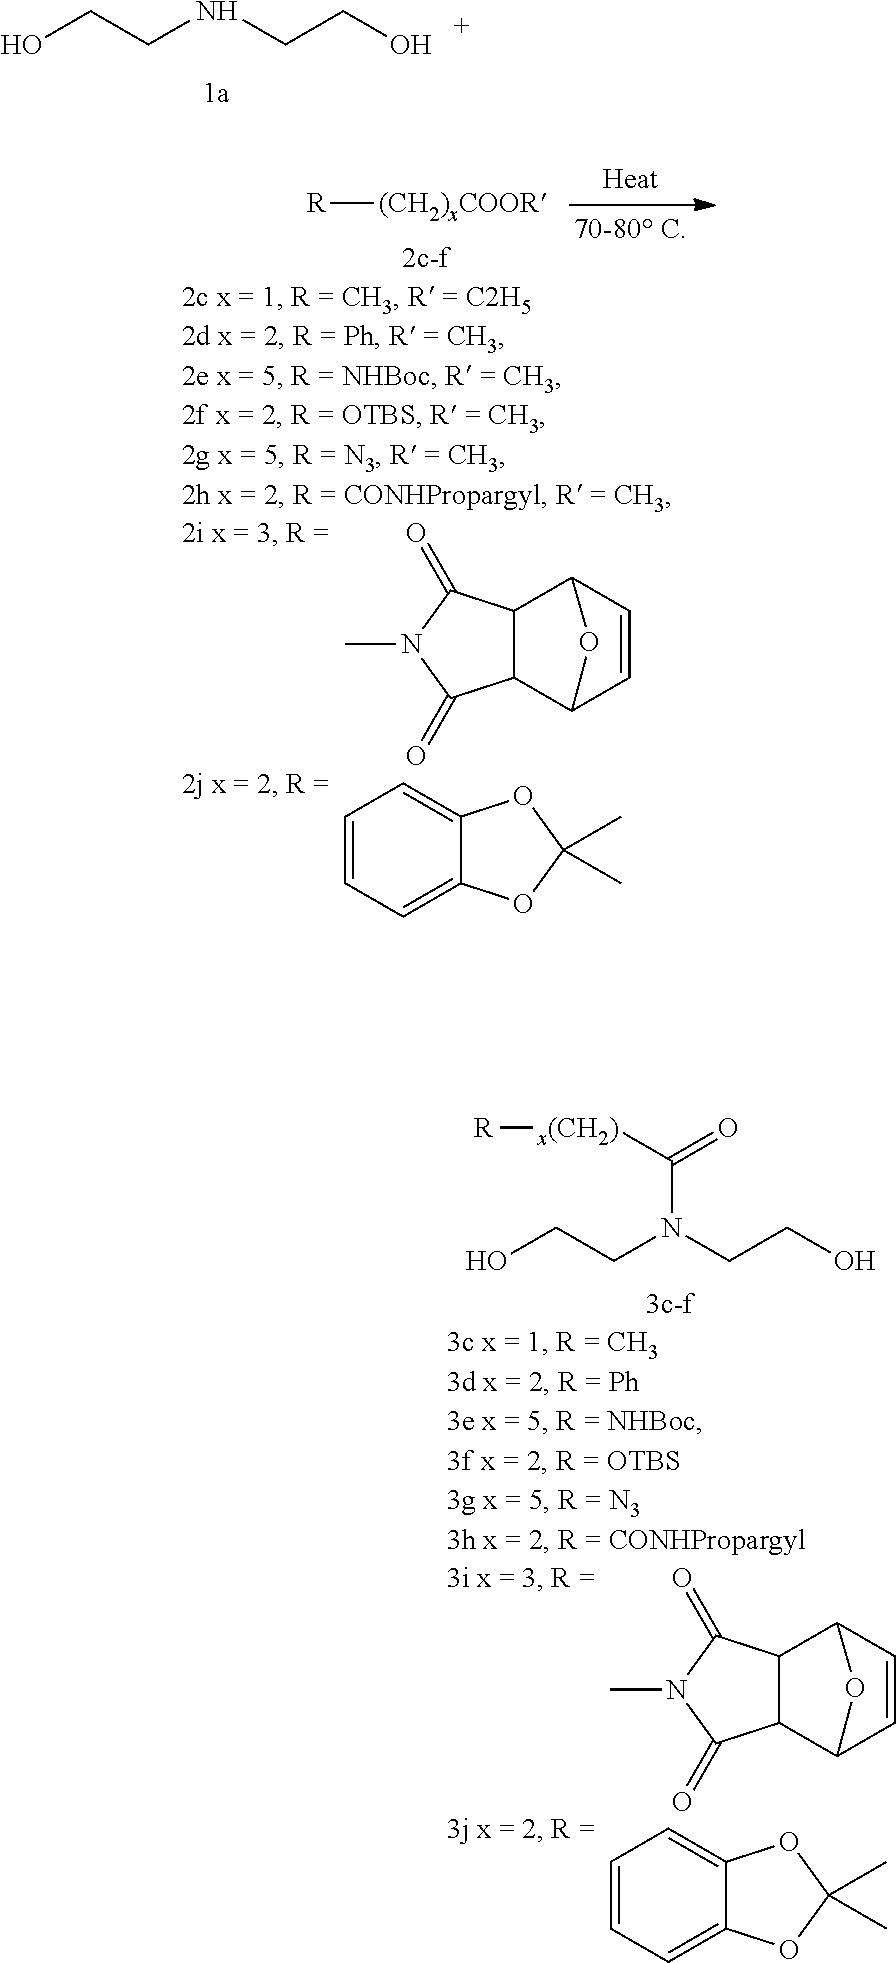 Figure US20150094422A1-20150402-C00027